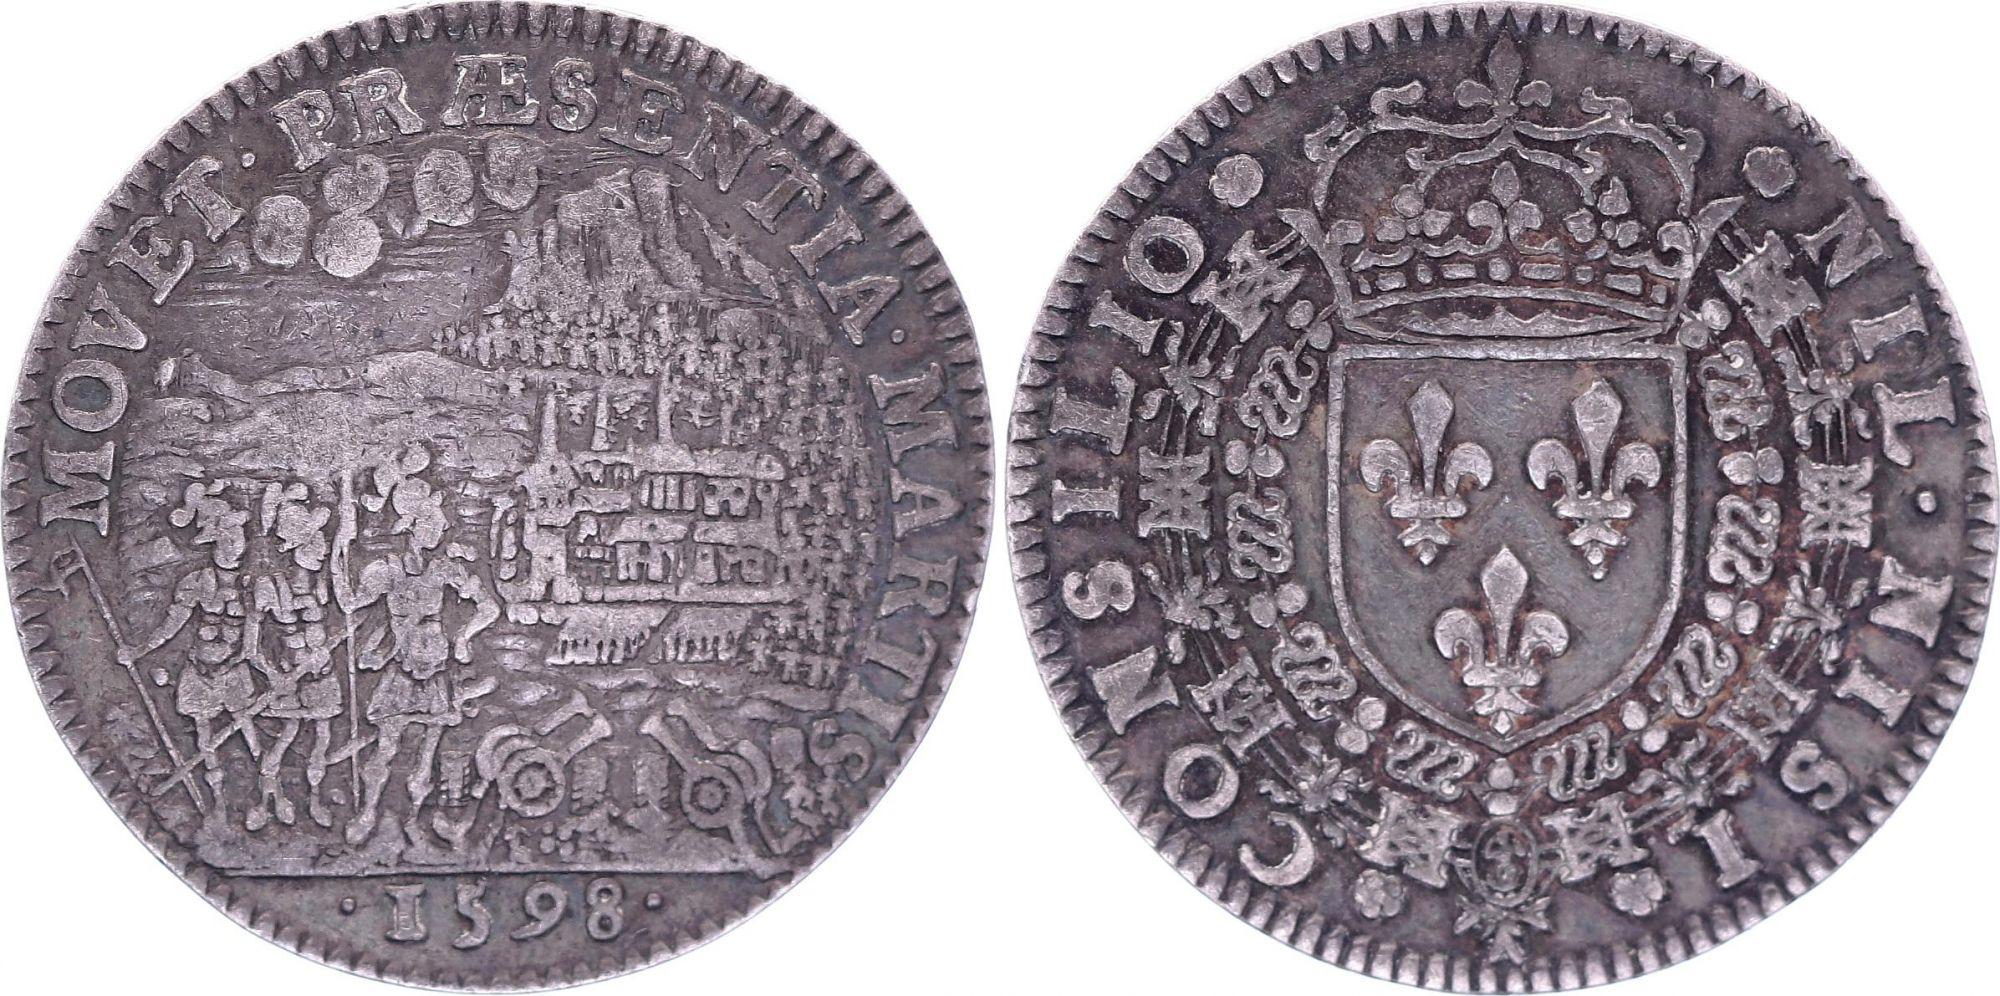 France Henri IV Conseil du Roi  - 1598 - Rédition d\'Amiens pour Henri IV - Argent